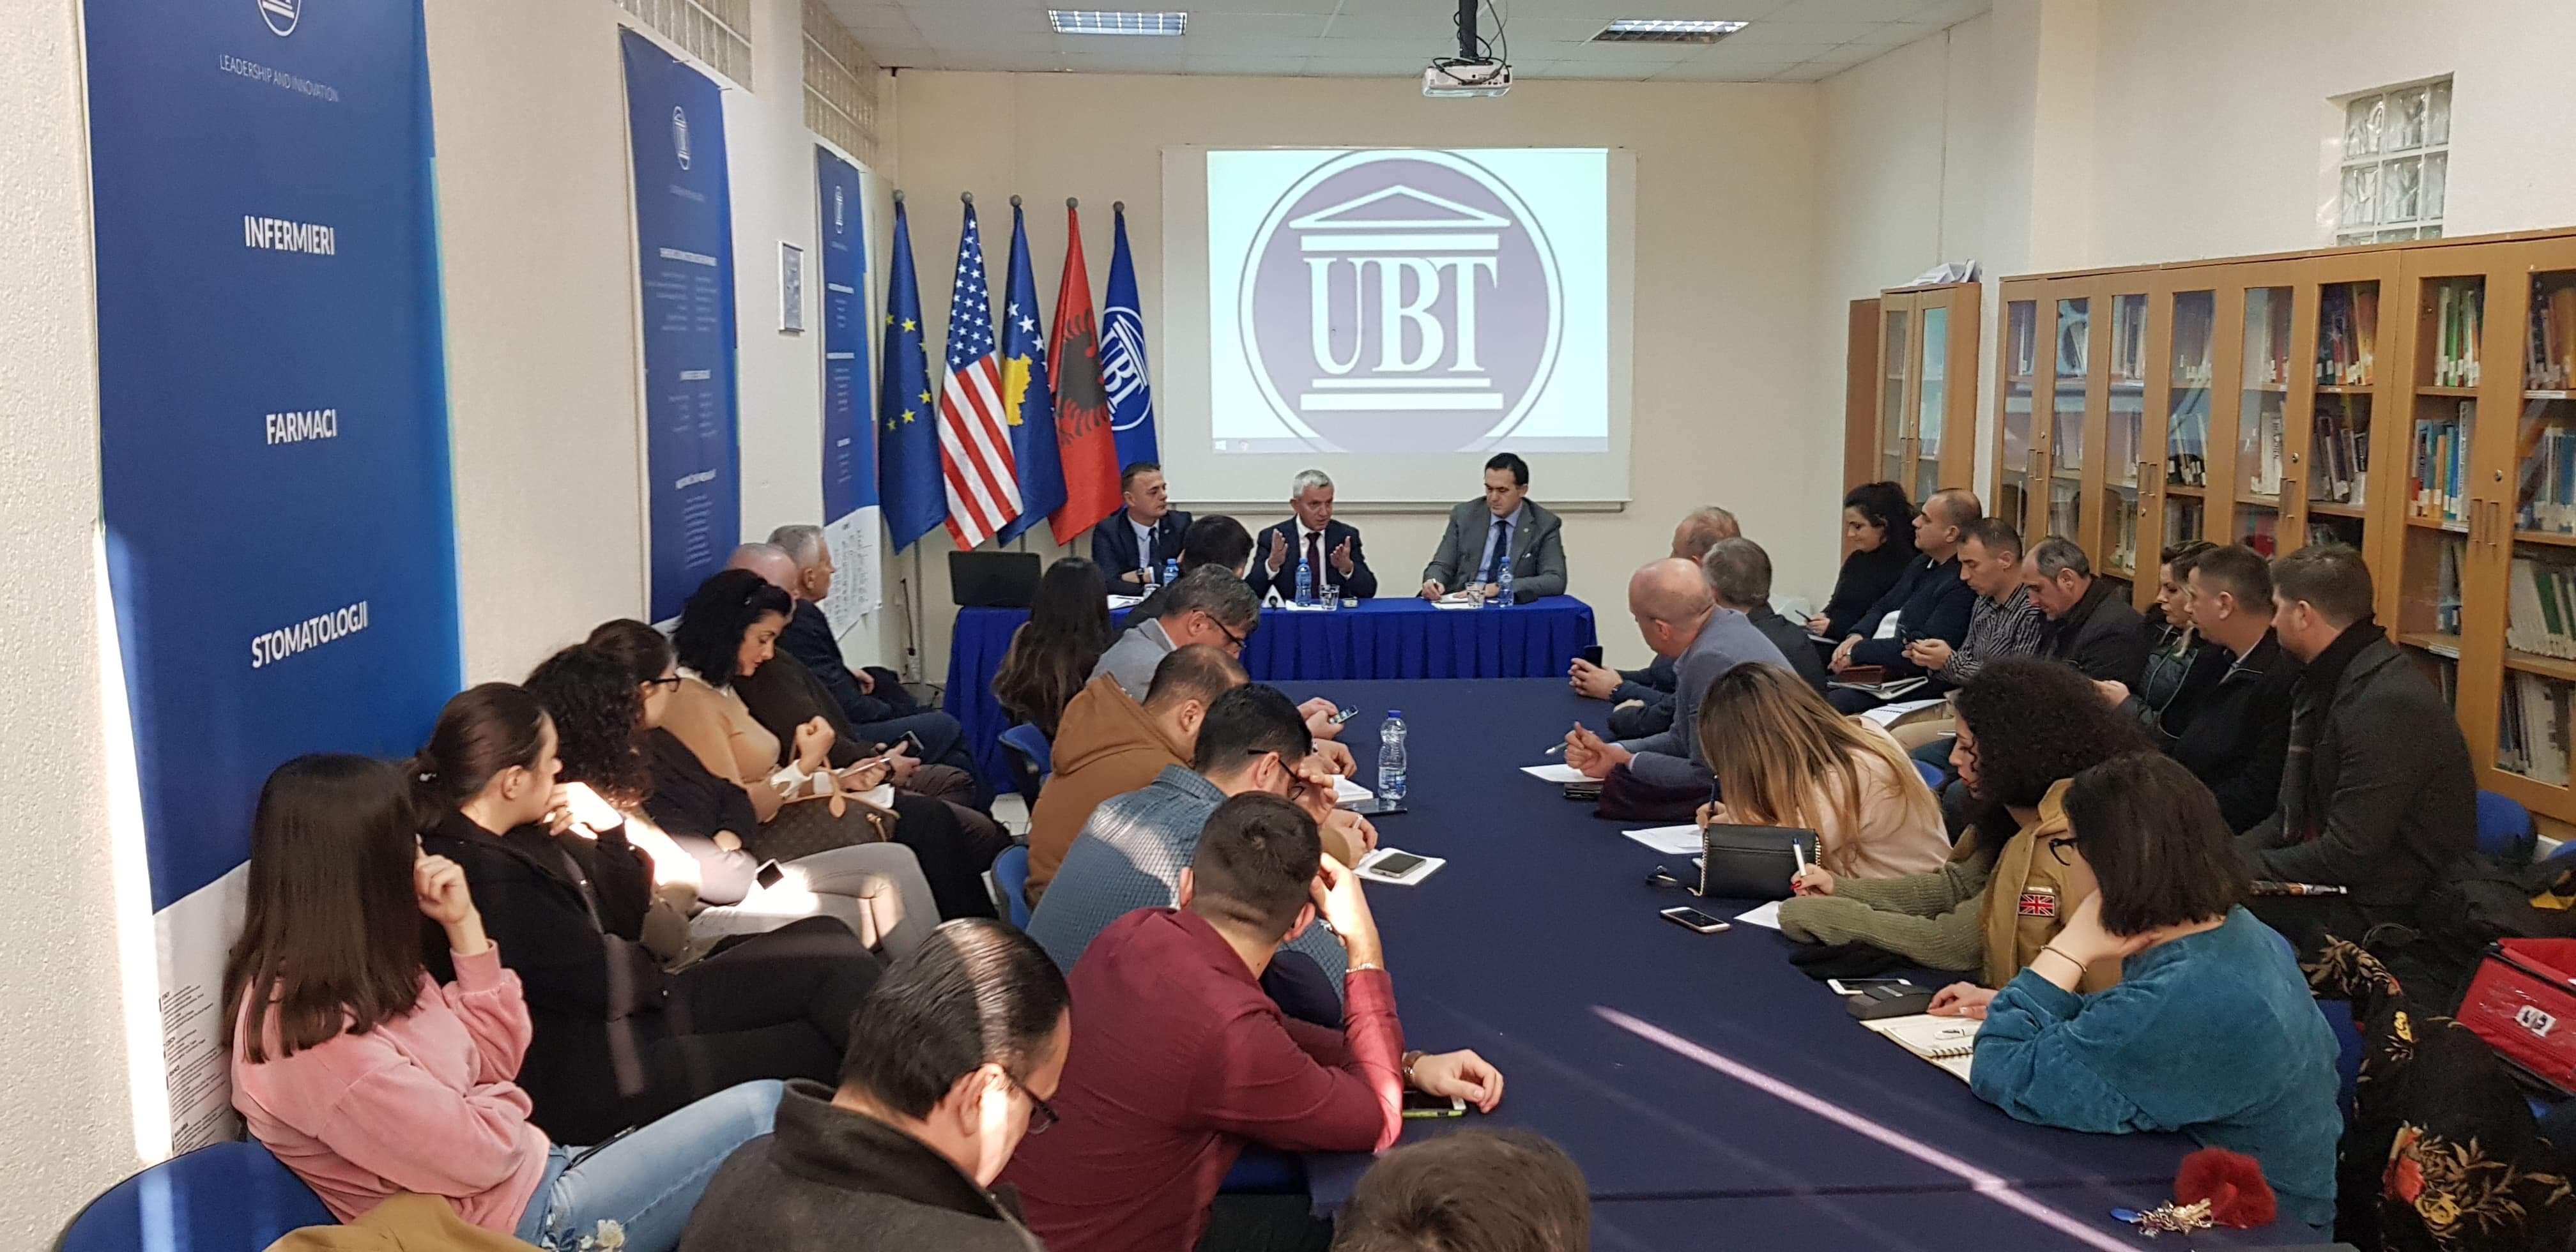 Ambasadori Qemal Minxhozi diskutoi në UBT për bashkëpunimin ekonomik dhe planet për të ardhmen mes Kosovës dhe Shqipërisë